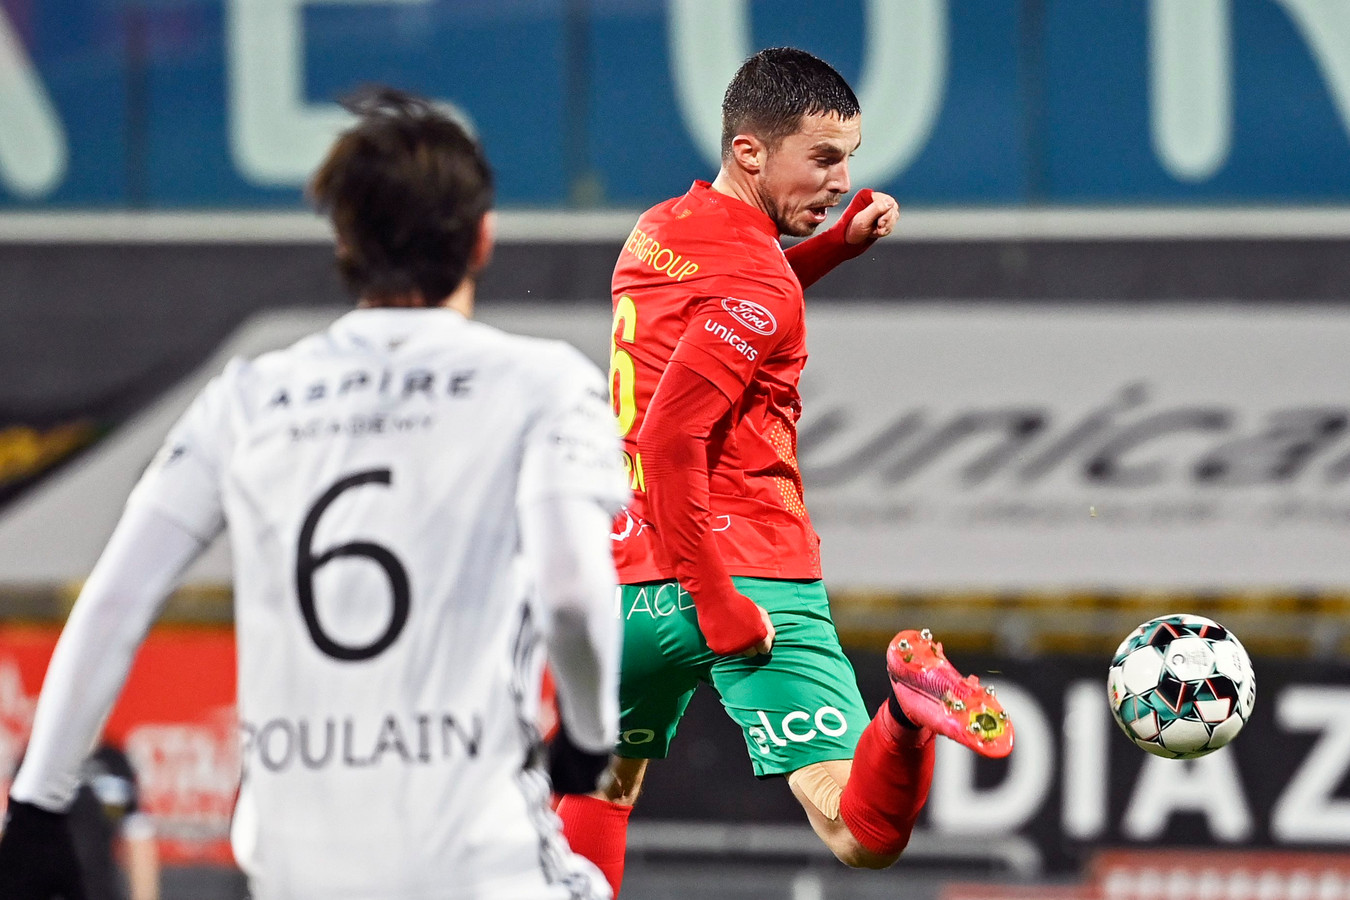 Maxime D'Arpino, hier in actie tegen Eupen, wil het puntenverlies van eerder deze week rechtzetten tegen KV Kortrijk.